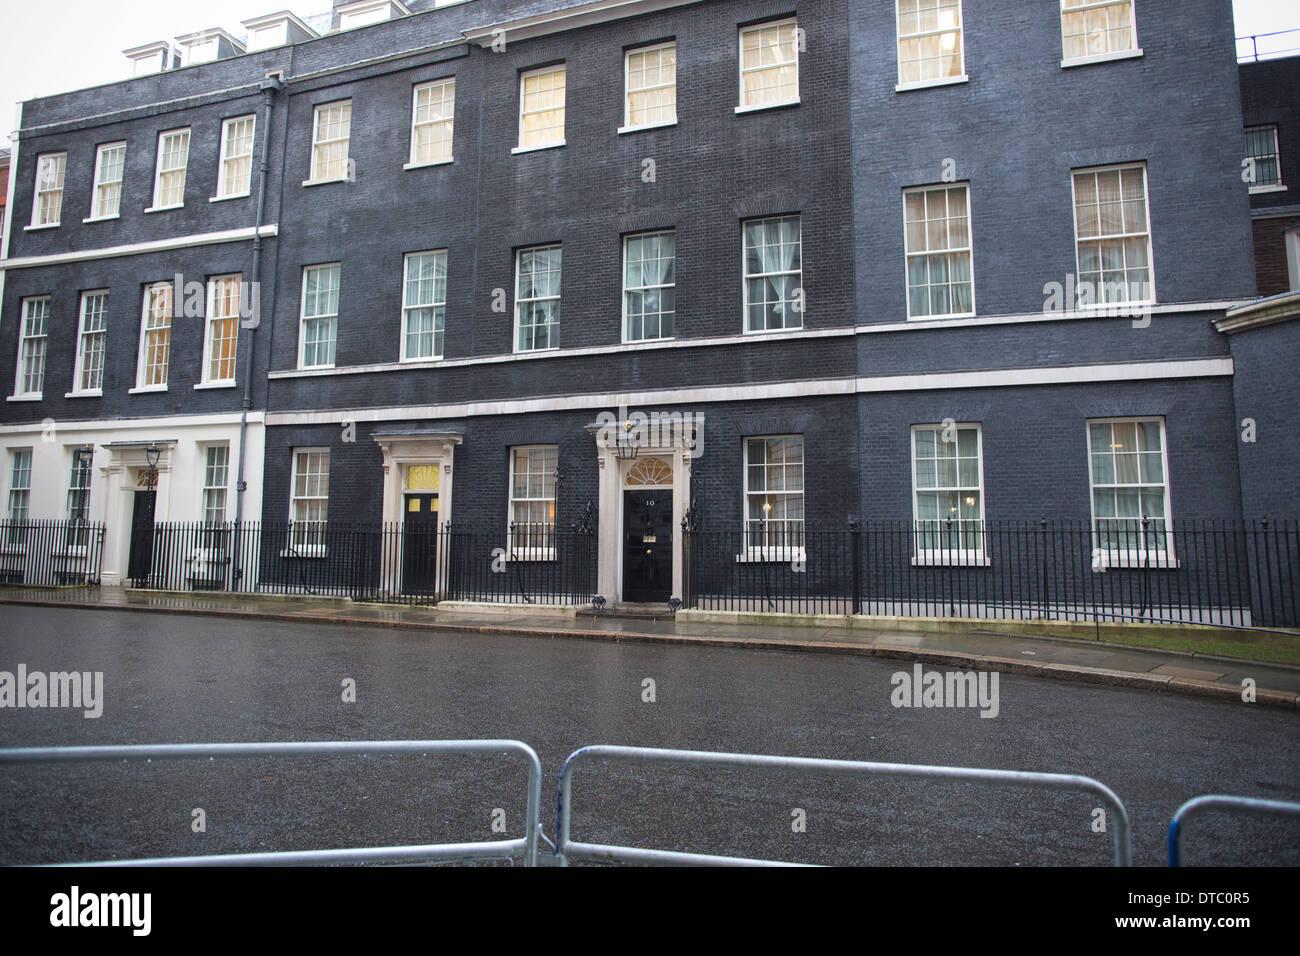 Downing Street, London, England, UK - Stock Image